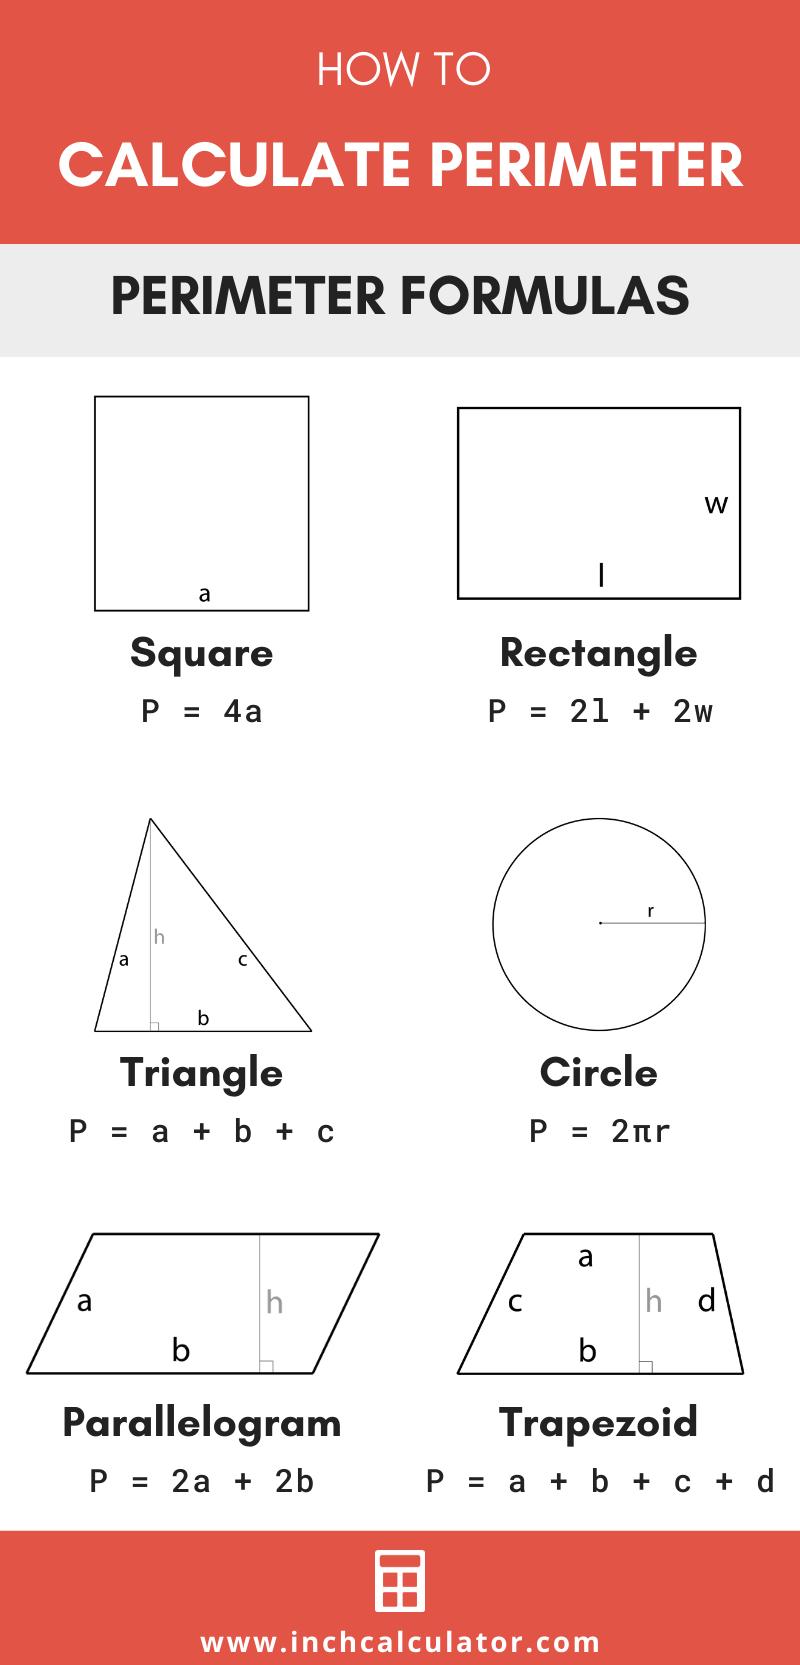 Share perimeter calculator